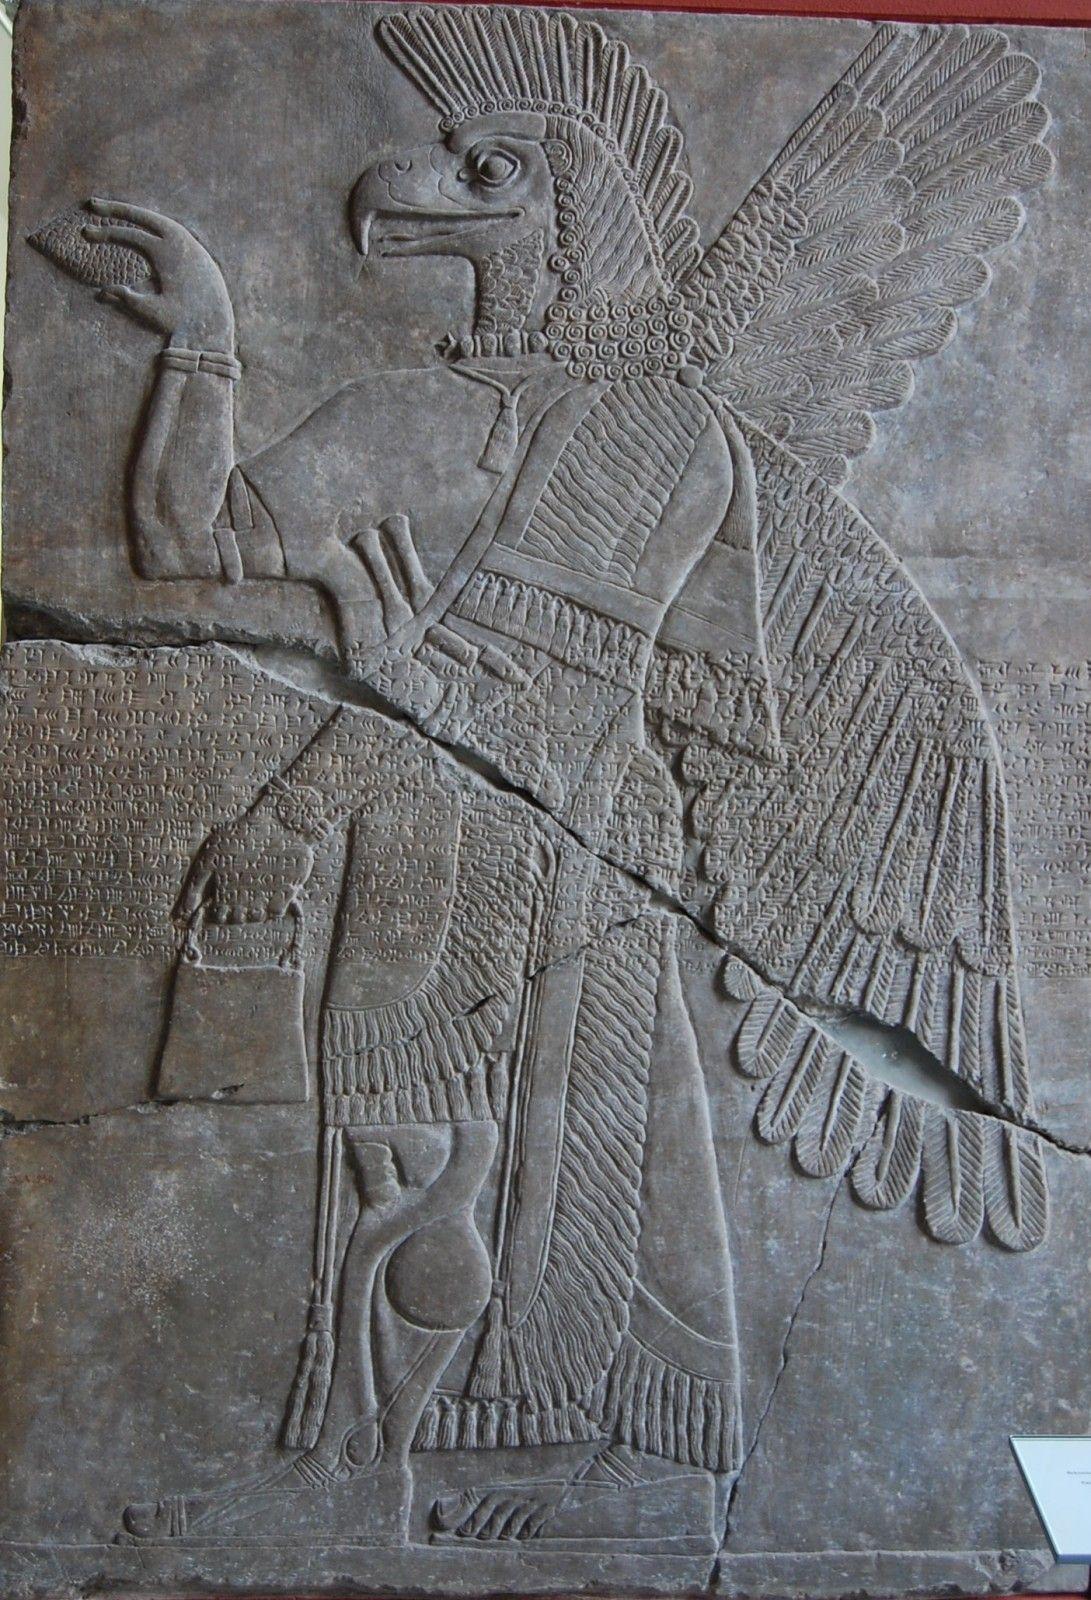 nimrud palais bas relief cosmosu ancient art ancient. Black Bedroom Furniture Sets. Home Design Ideas